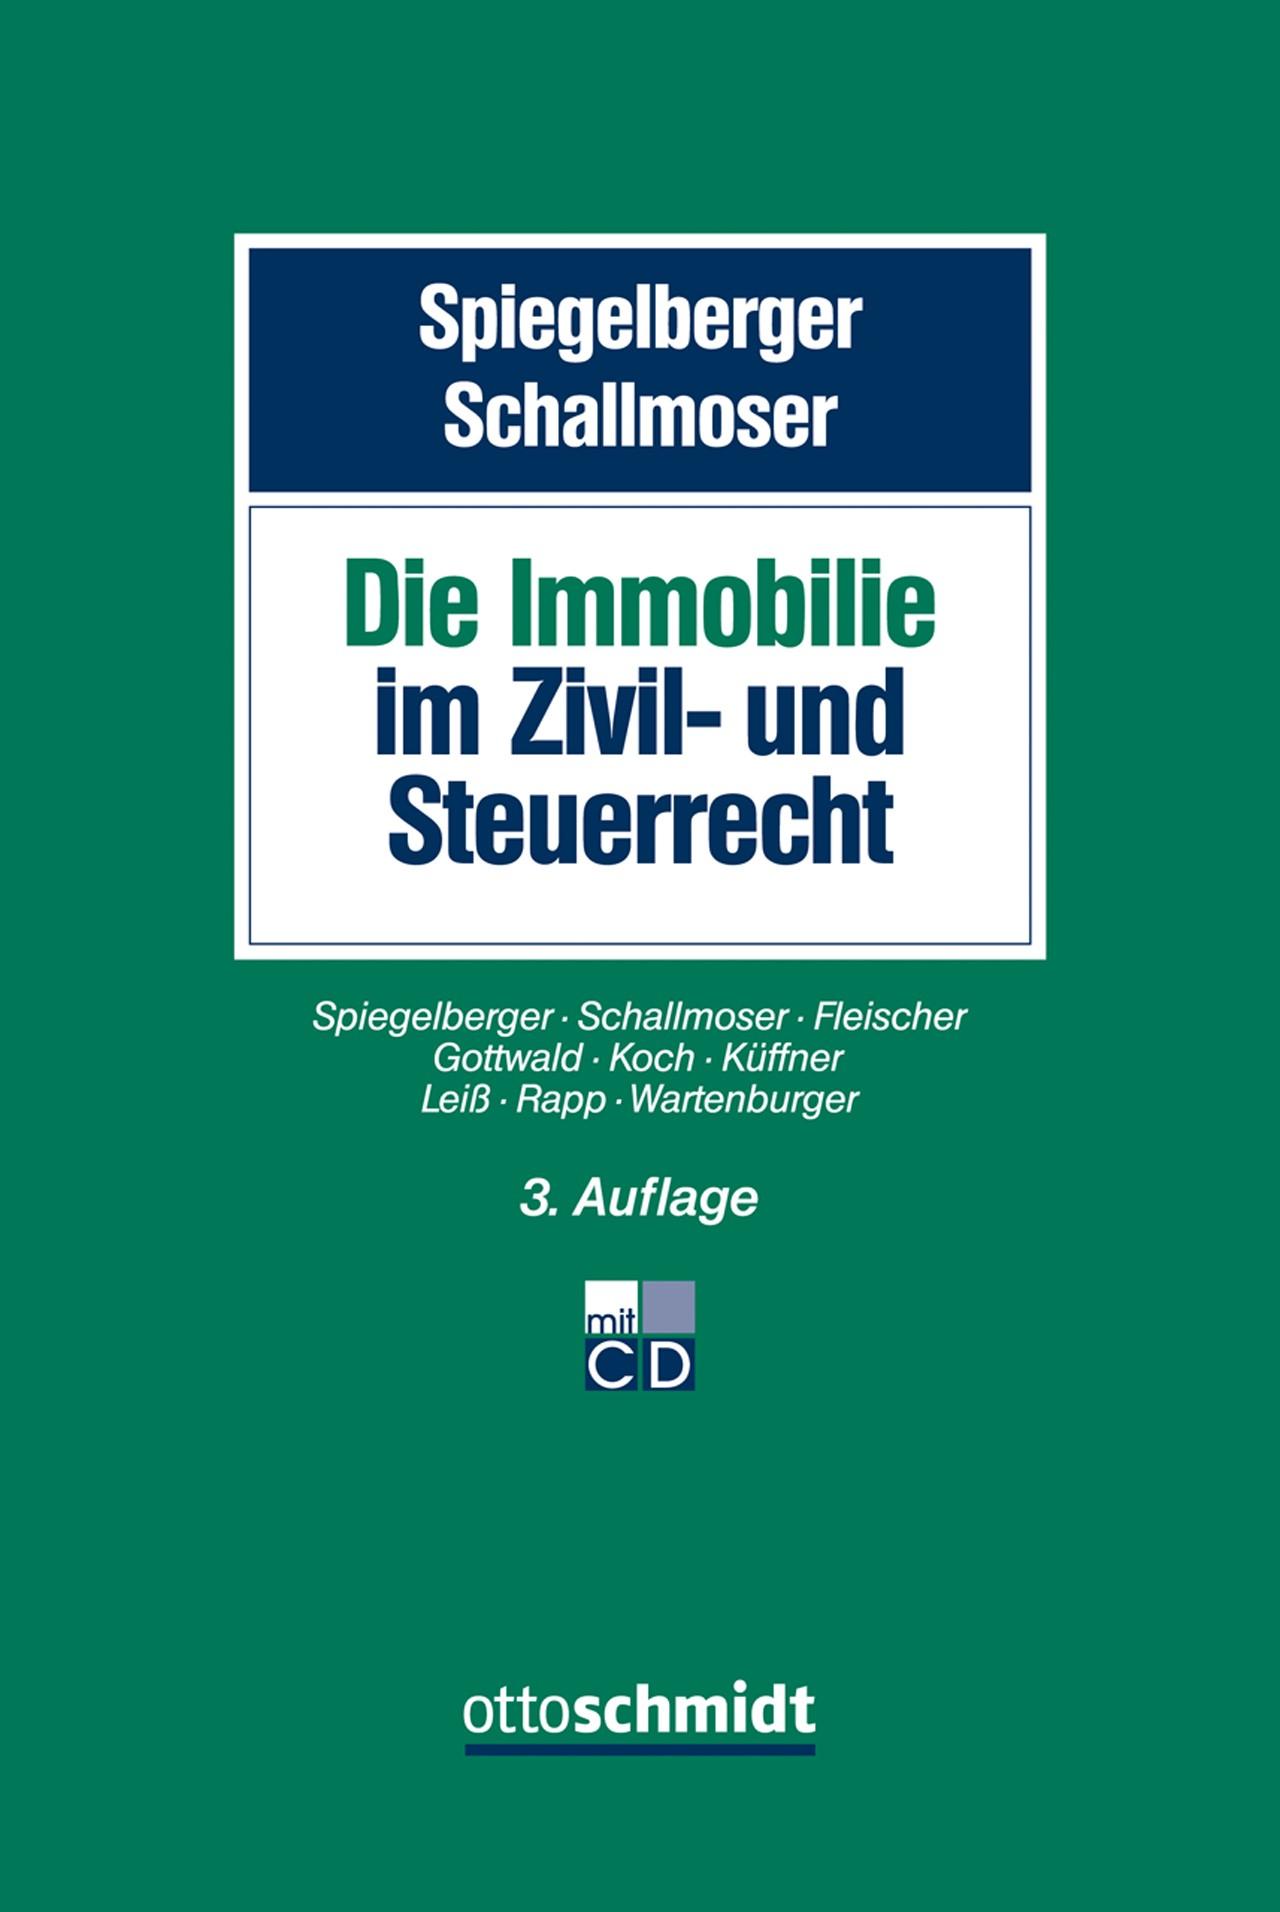 Immobilien im Zivil- und Steuerrecht | Spiegelberger / Schallmoser | 3. aktualisierte Auflage, 2017 (Cover)